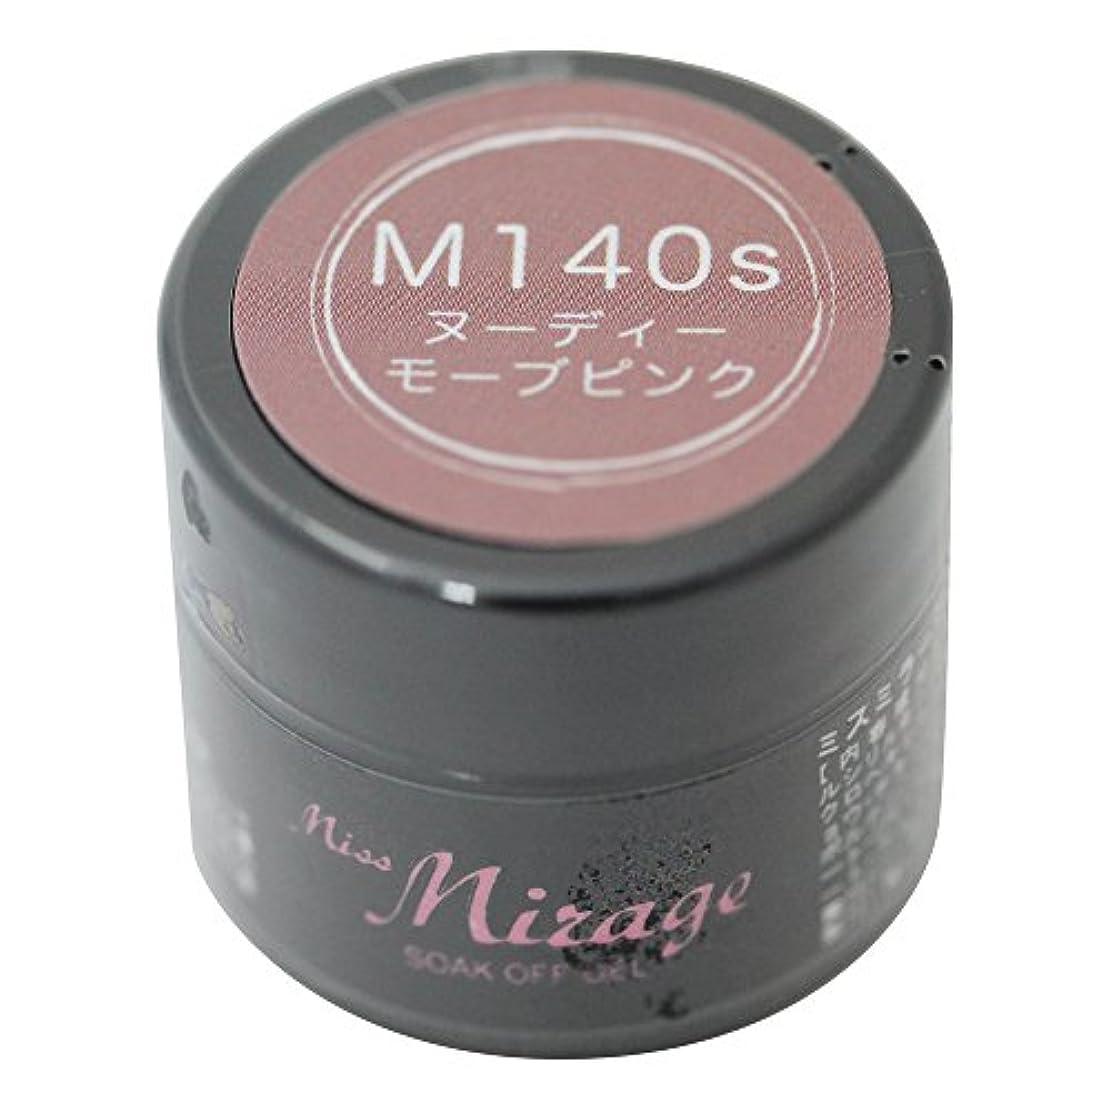 天文学降雨正直Miss Mirage M140S ヌーディーモーブピンク 2.5g UV/LED対応タイオウ